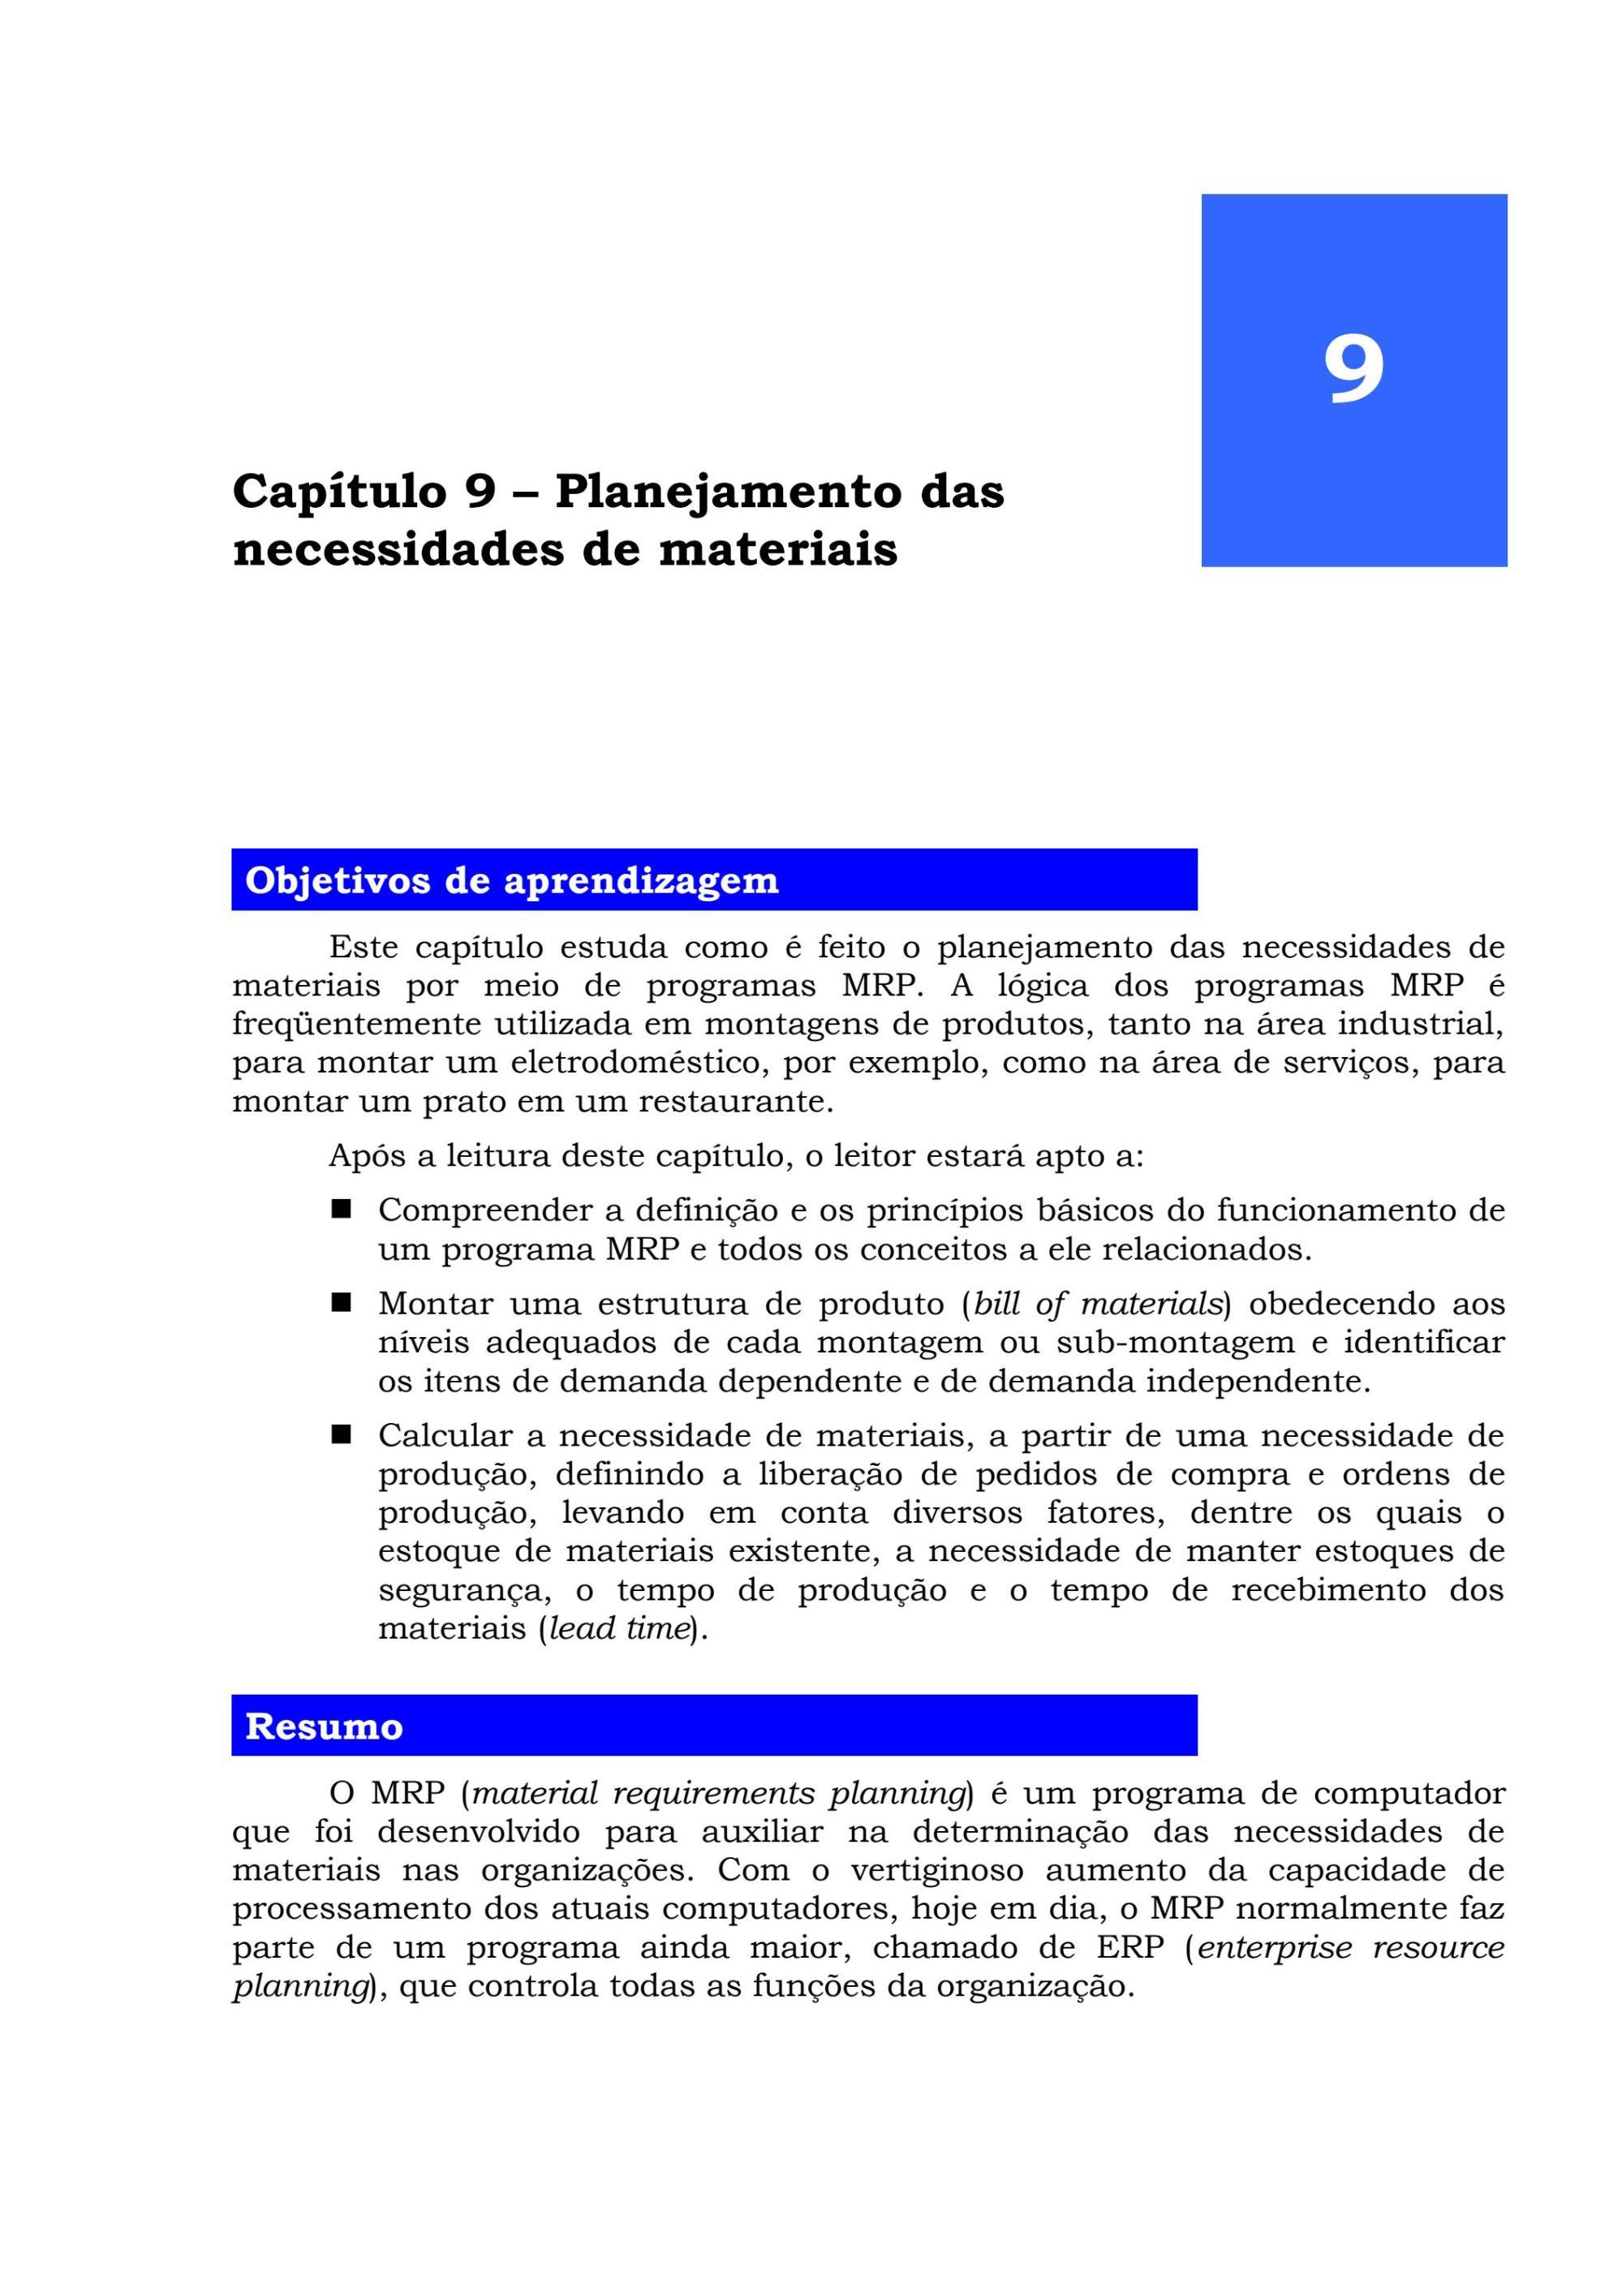 hight resolution of mrp planejamento das necessidades de materiais jurandir peinado e alexandre r graeml by jurandir peinado issuu